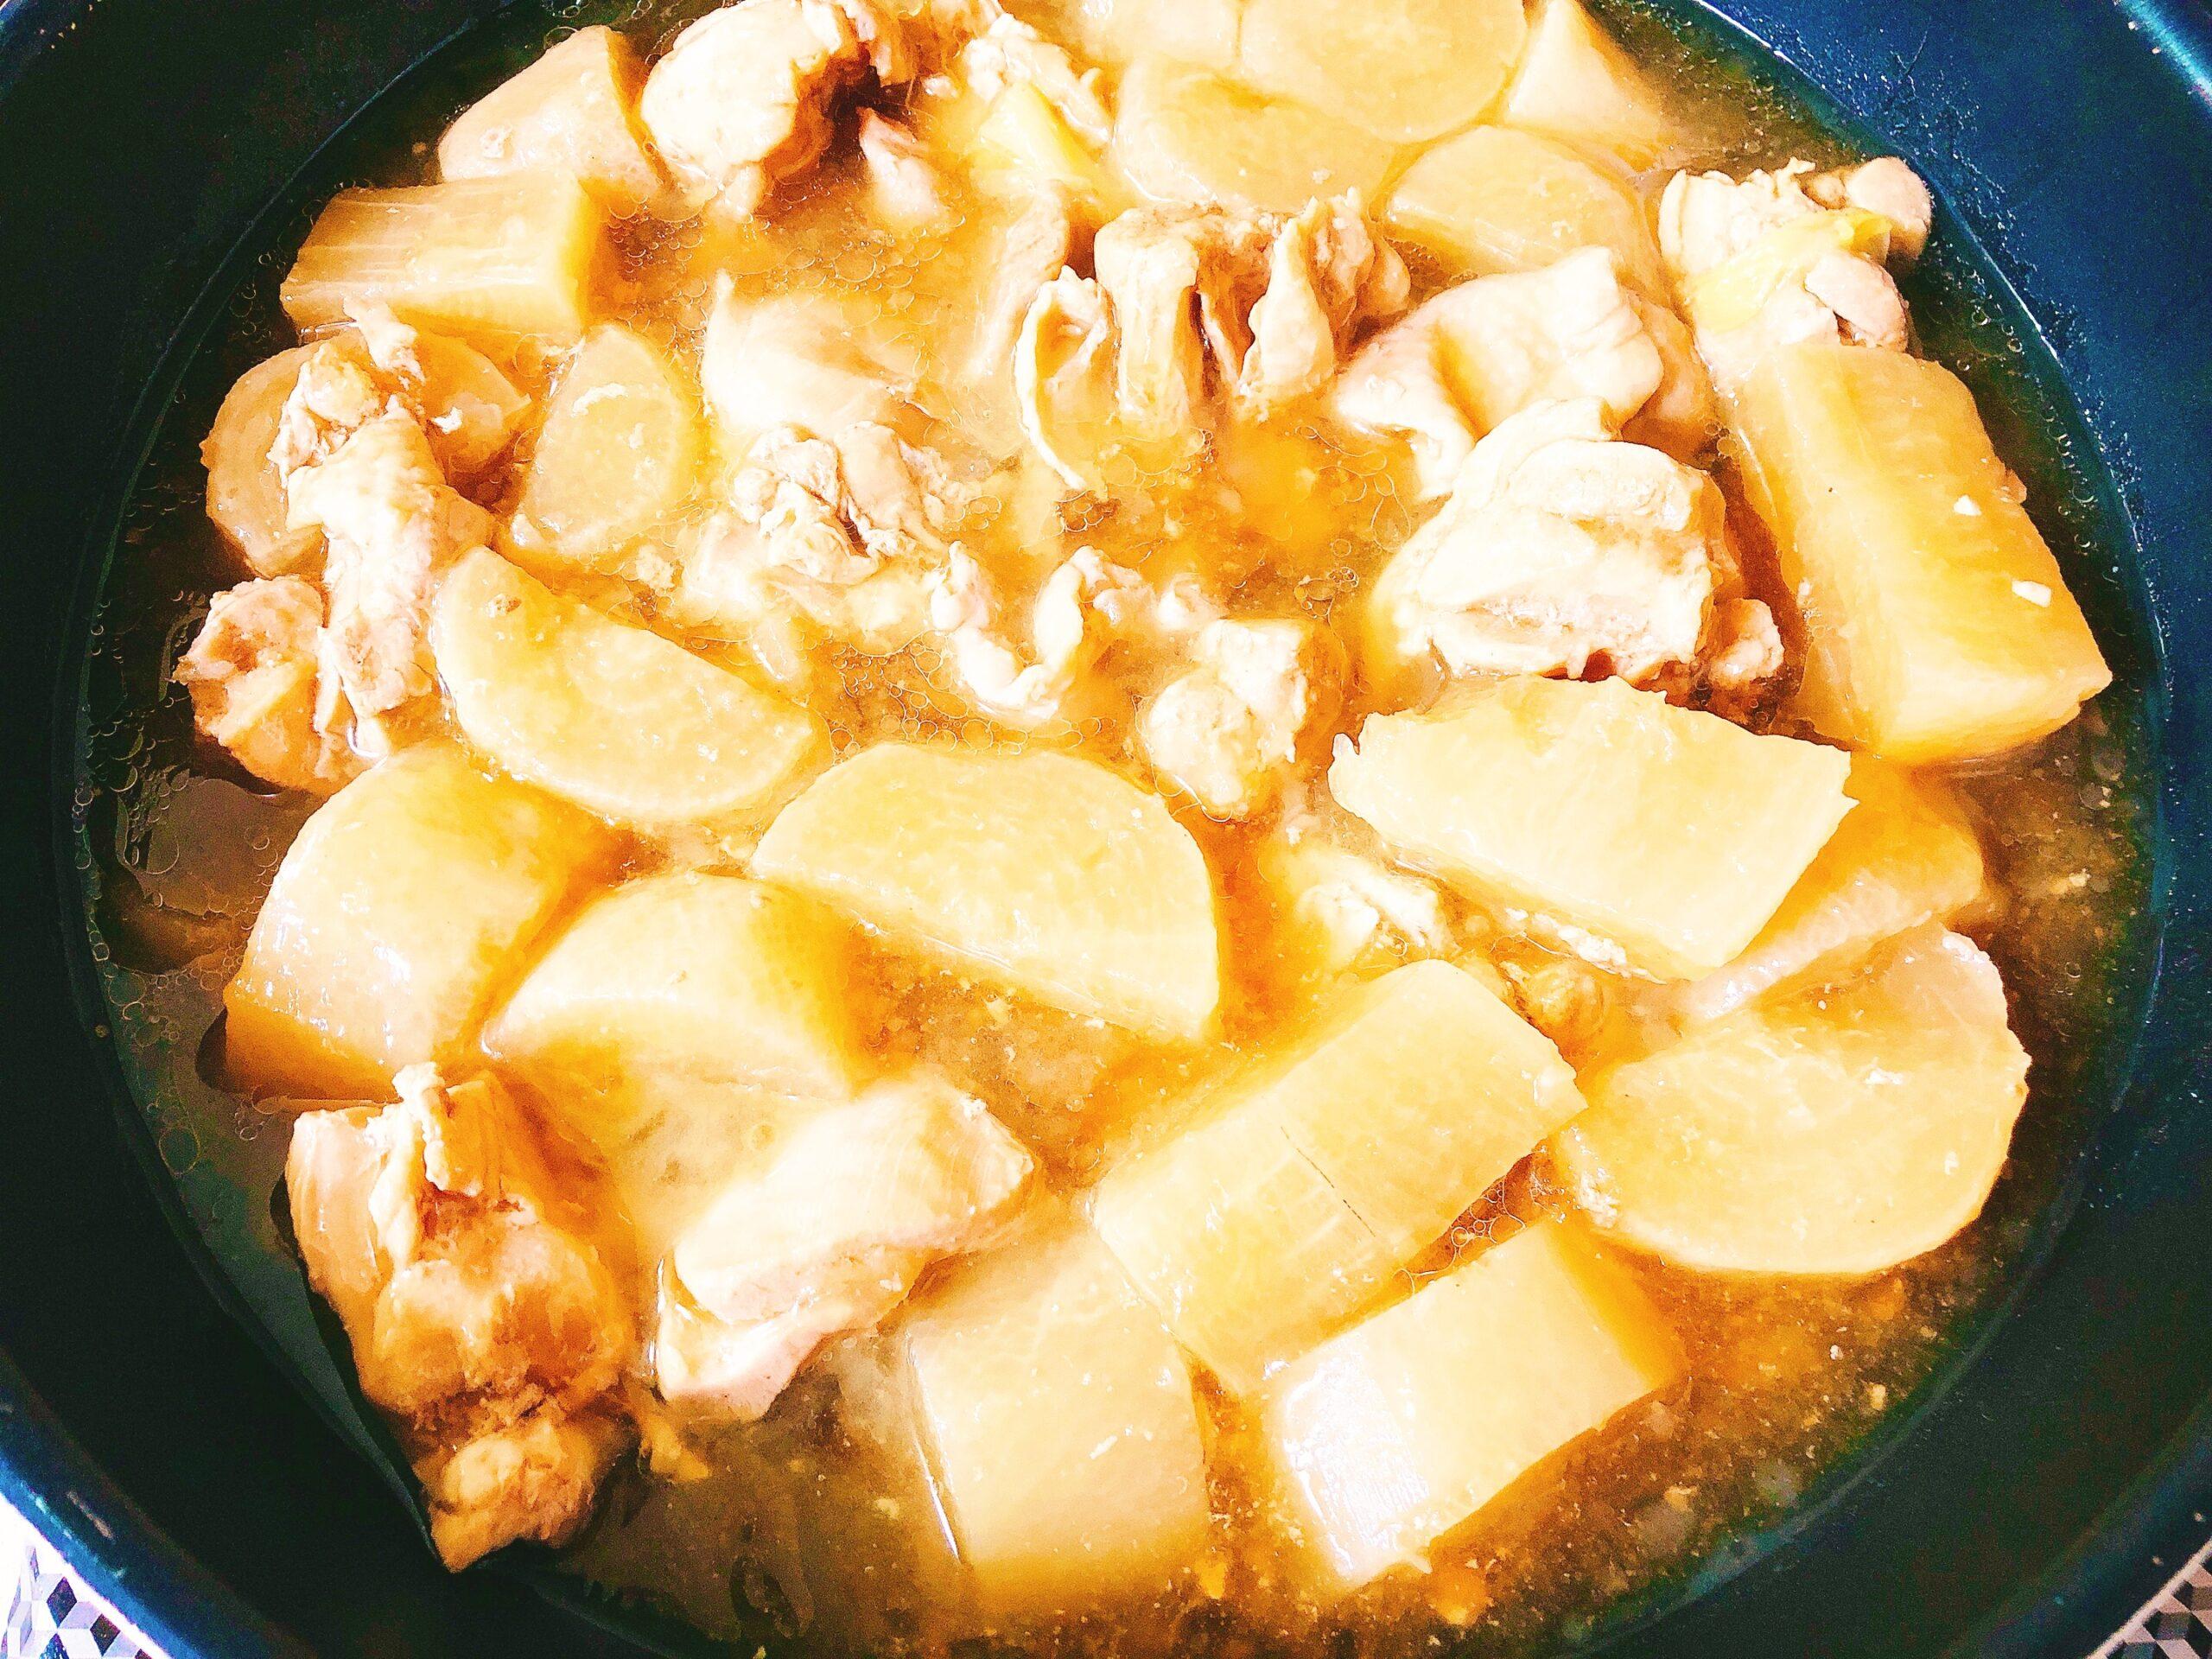 鶏肉と大根の煮物アレンジ中